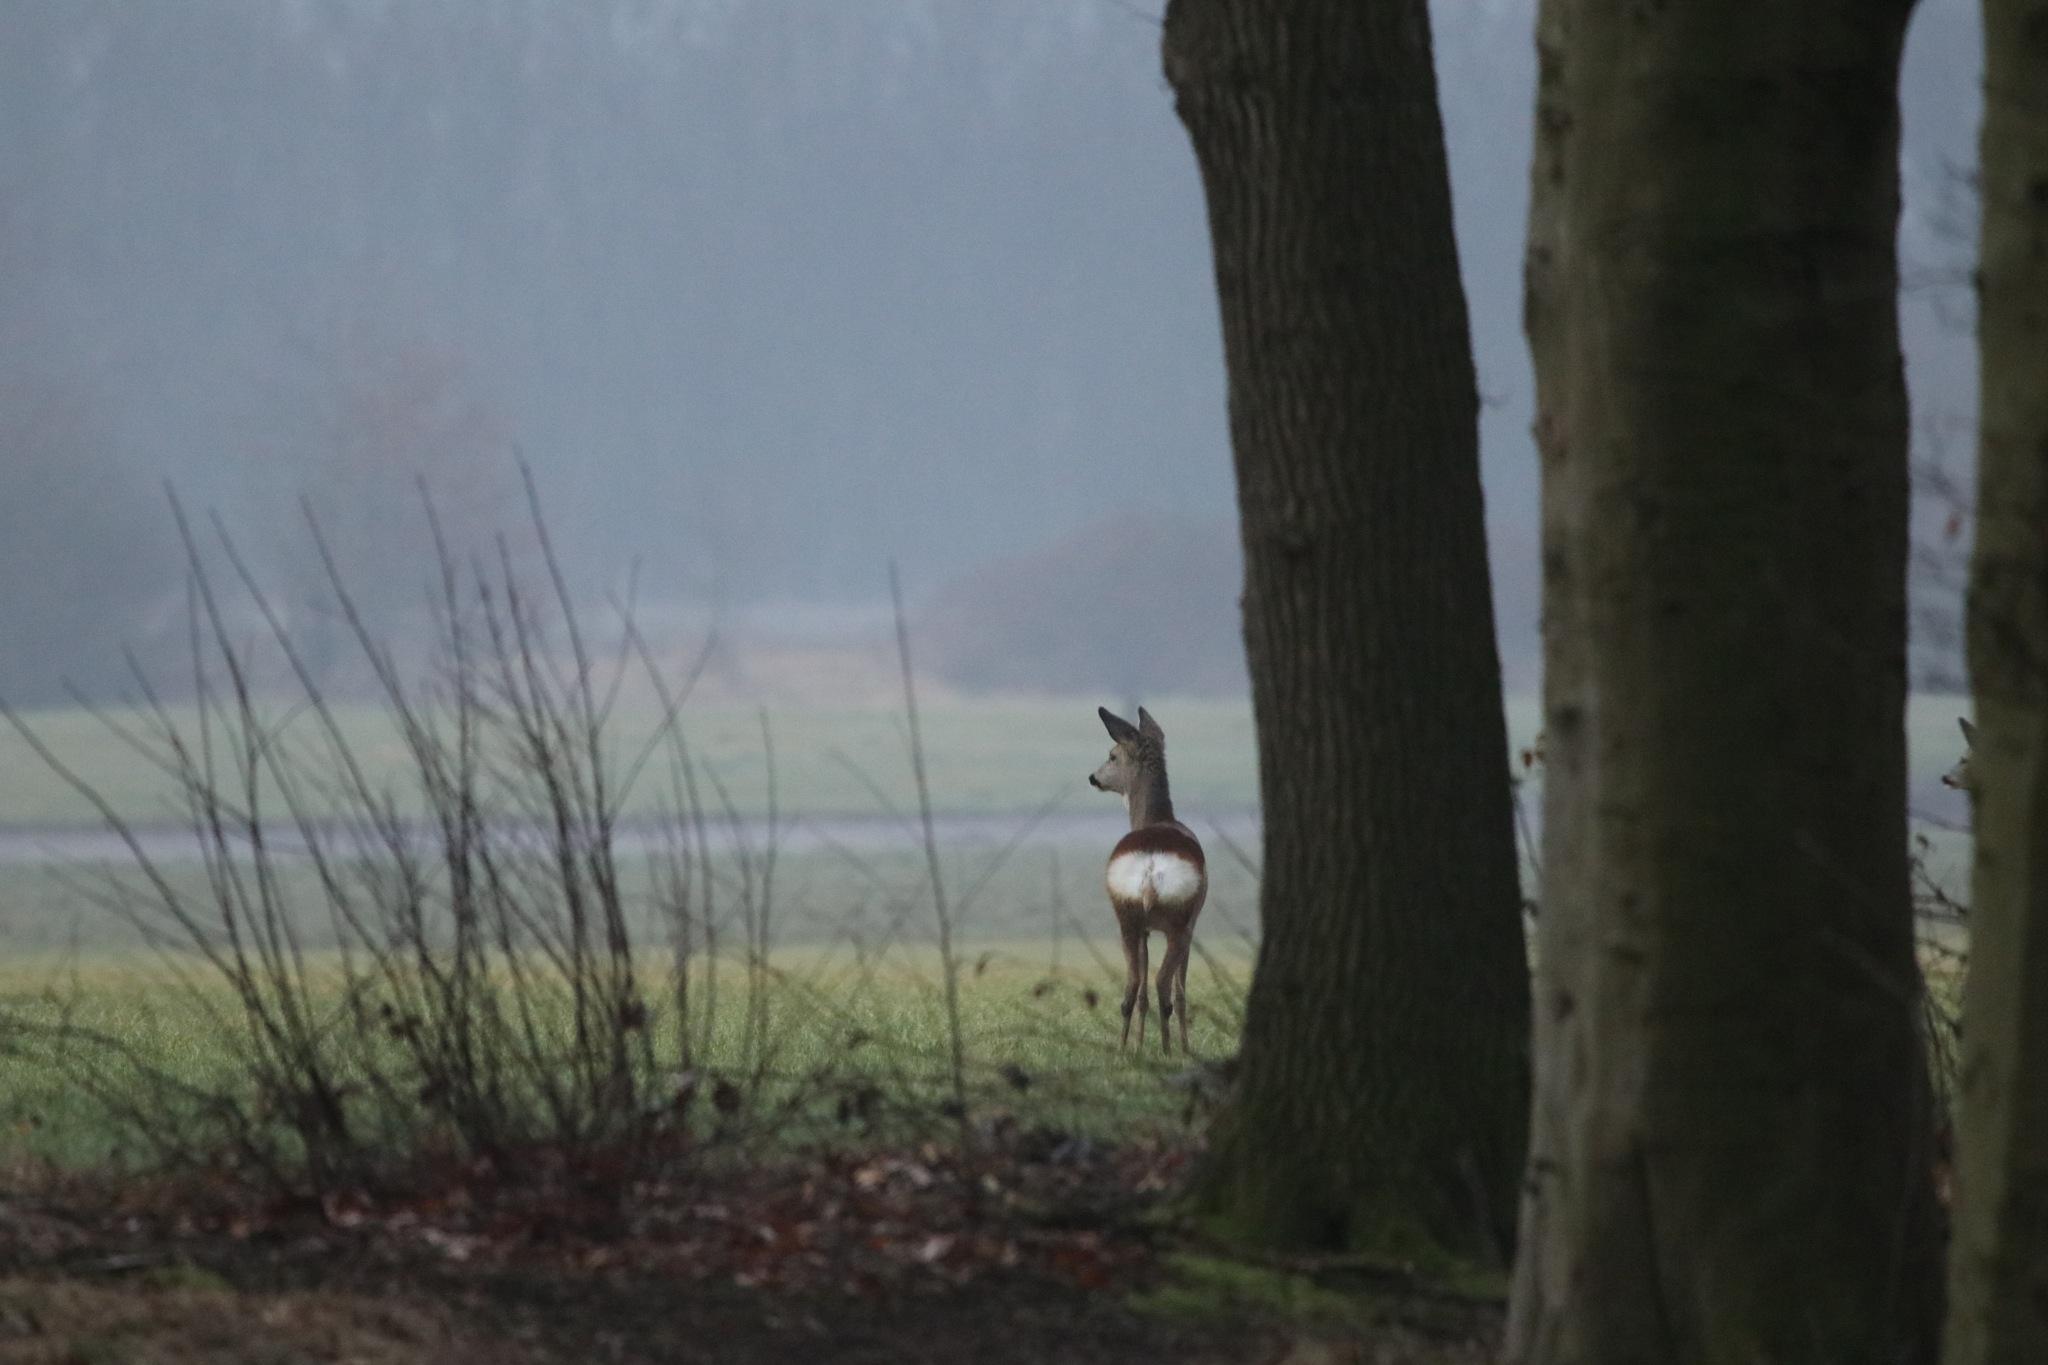 Misty morning deer by fons.jonkers